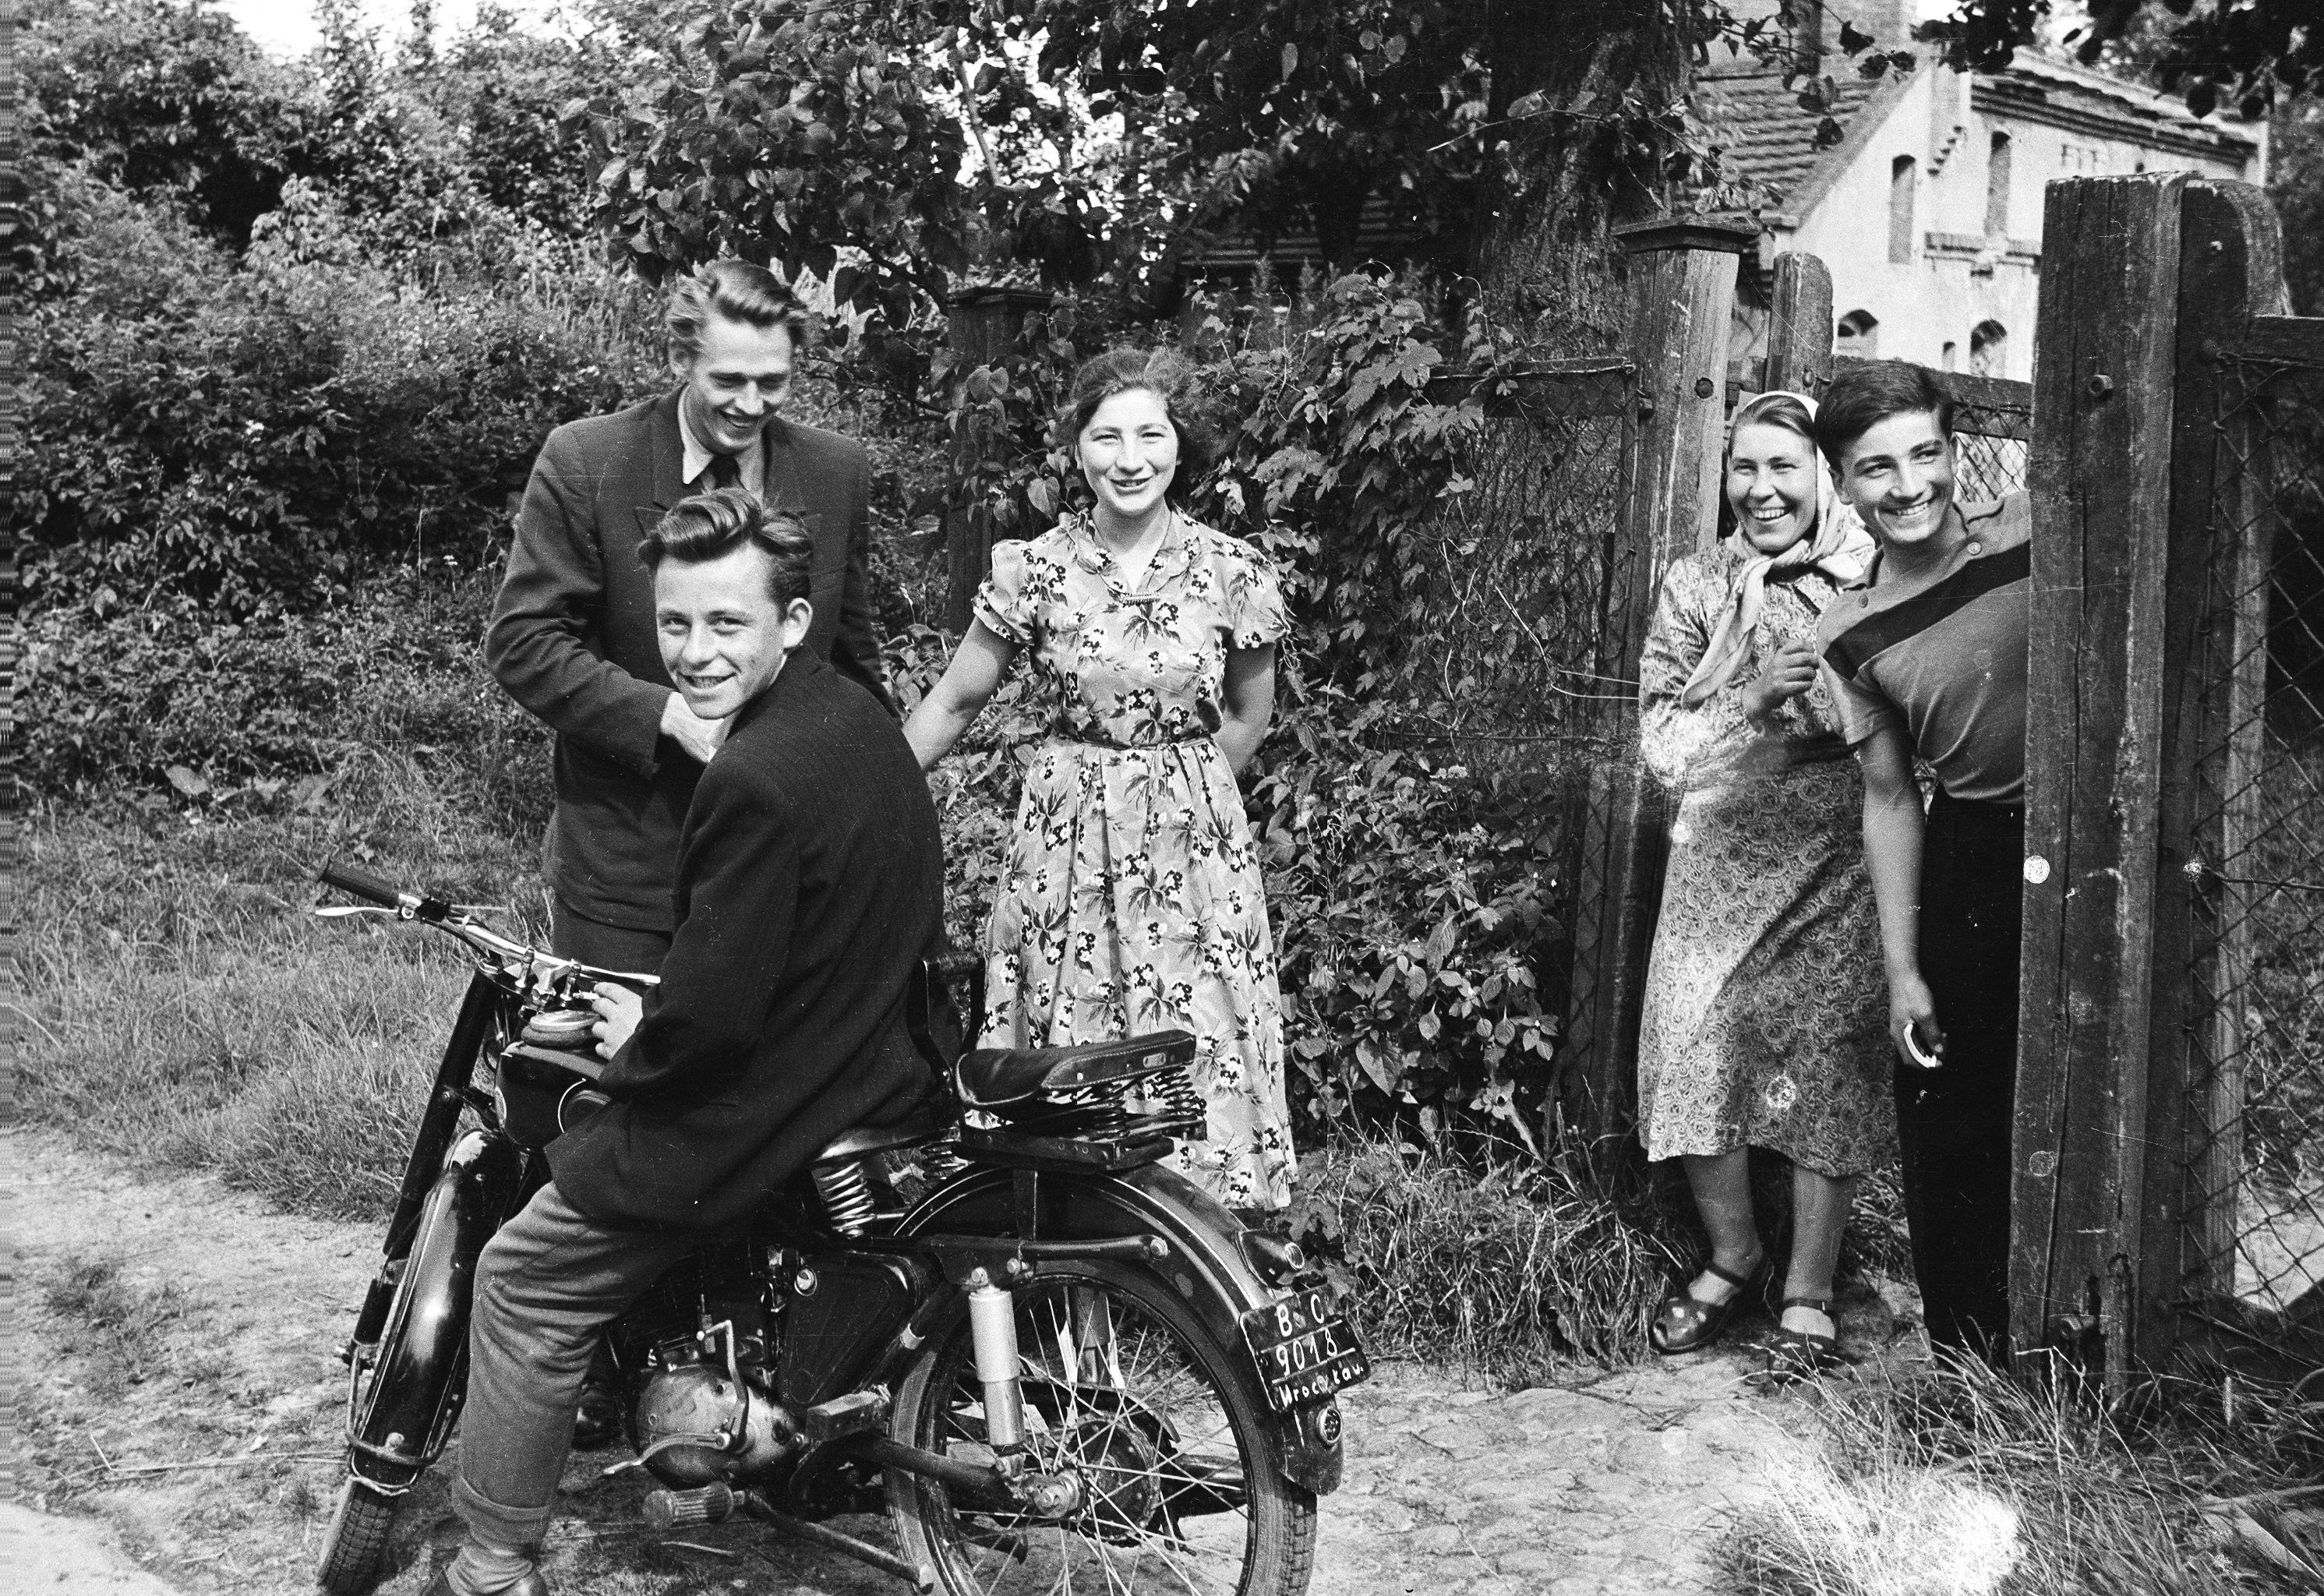 Wycieczka do Strupiny, od lewej na motorze Staszek Hrycaj (obecnie mieszka w Ameryce), Janek Rokicki, Basia Olszewska, Wiktoria Czyżowicz i Antek Olszewski, Strupina, Dolny Śląsk, lata 50. XX w.